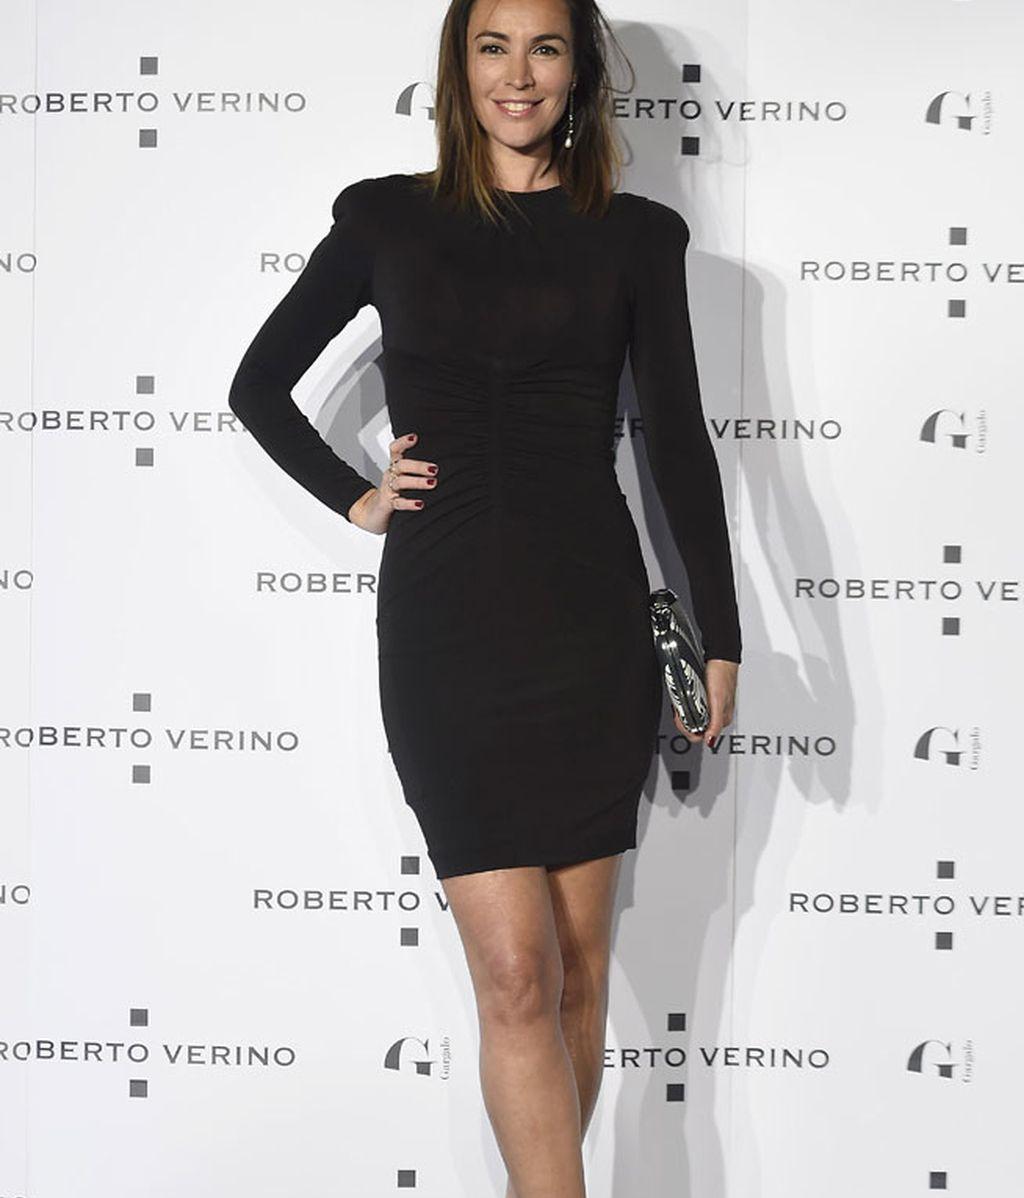 La modelo María Jose Besora, también de 'total black'